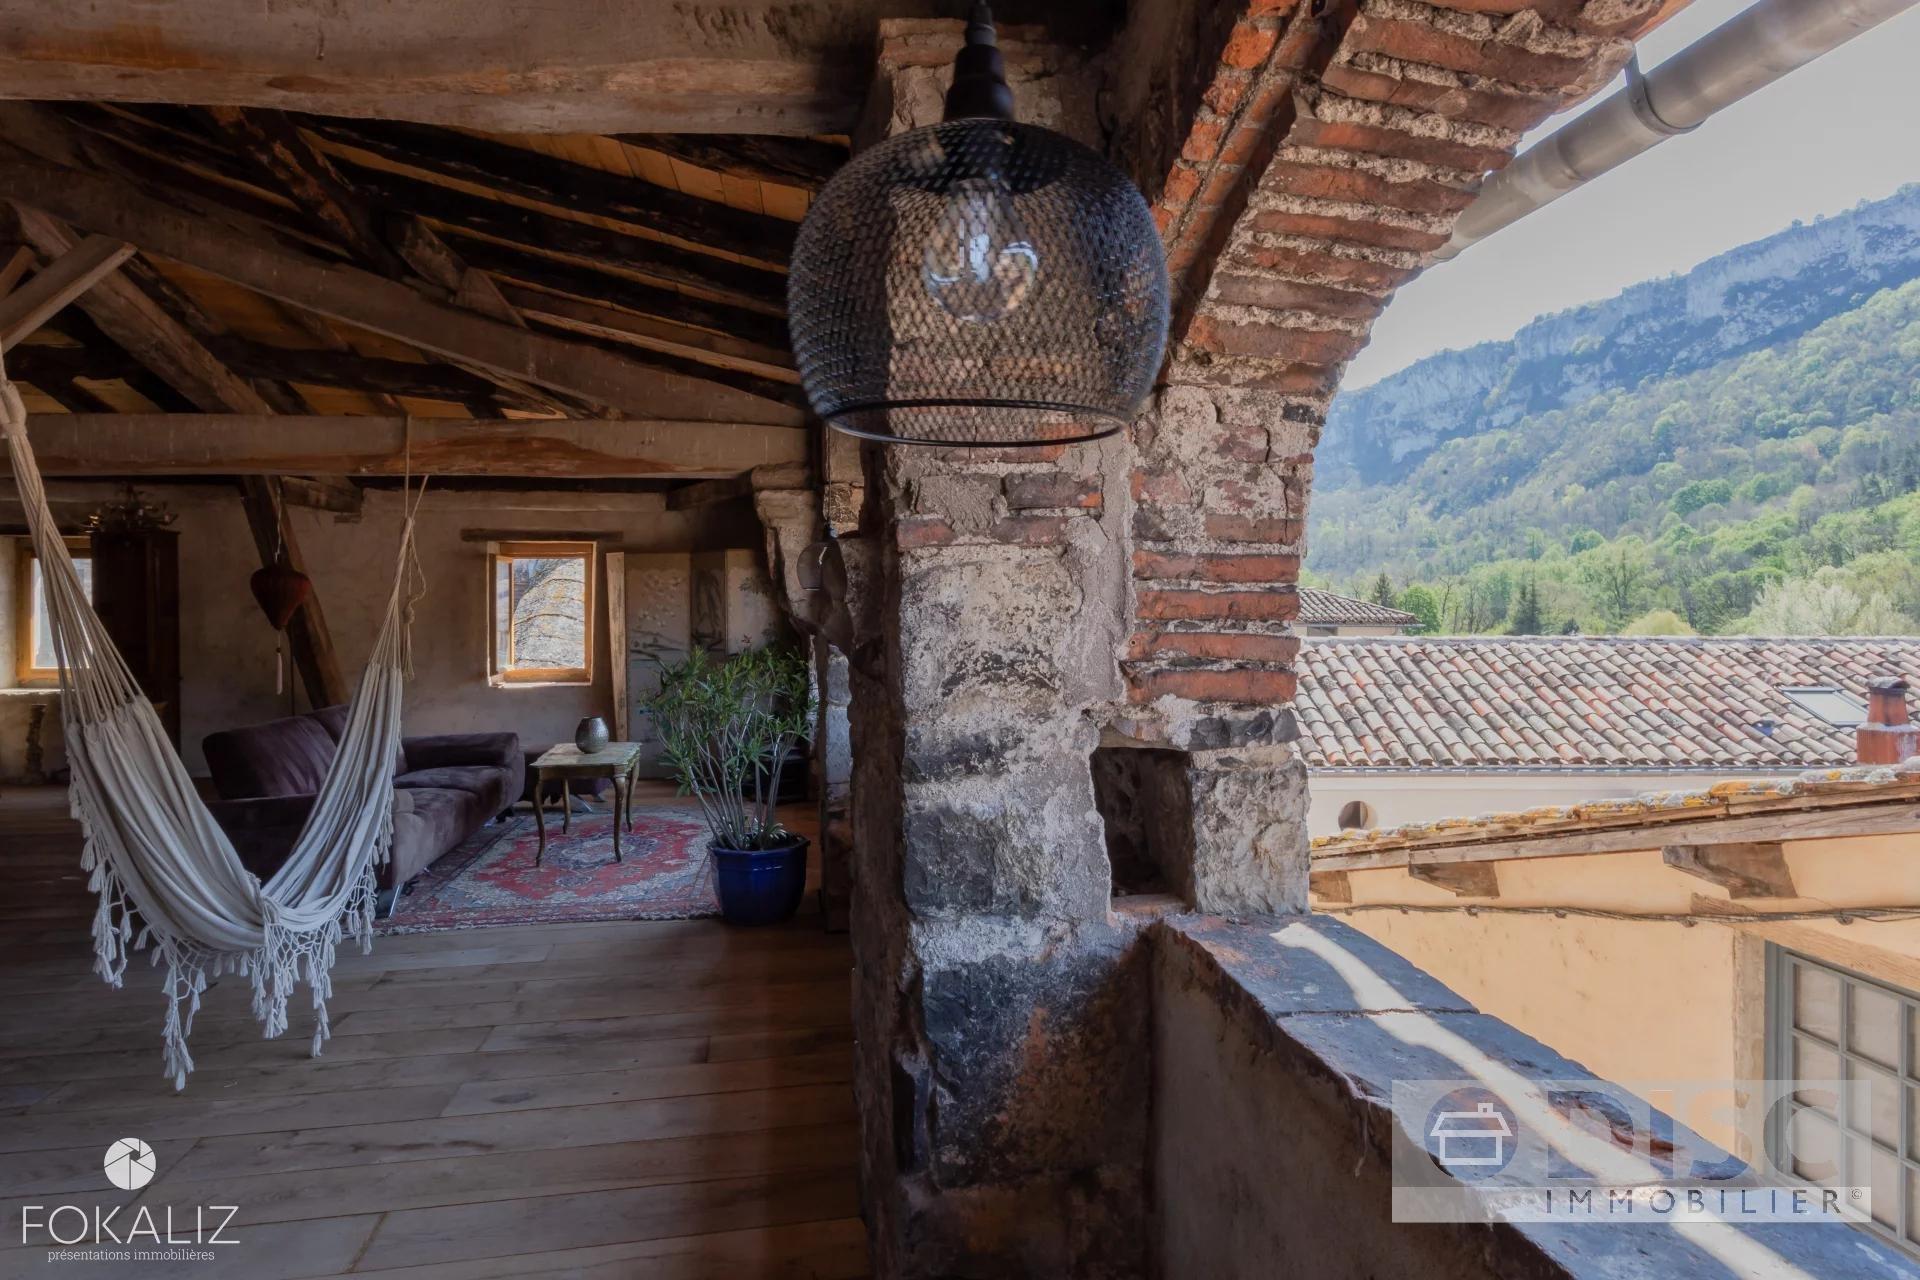 Spacieuse maison de village avec local commercial et cour intérieure.